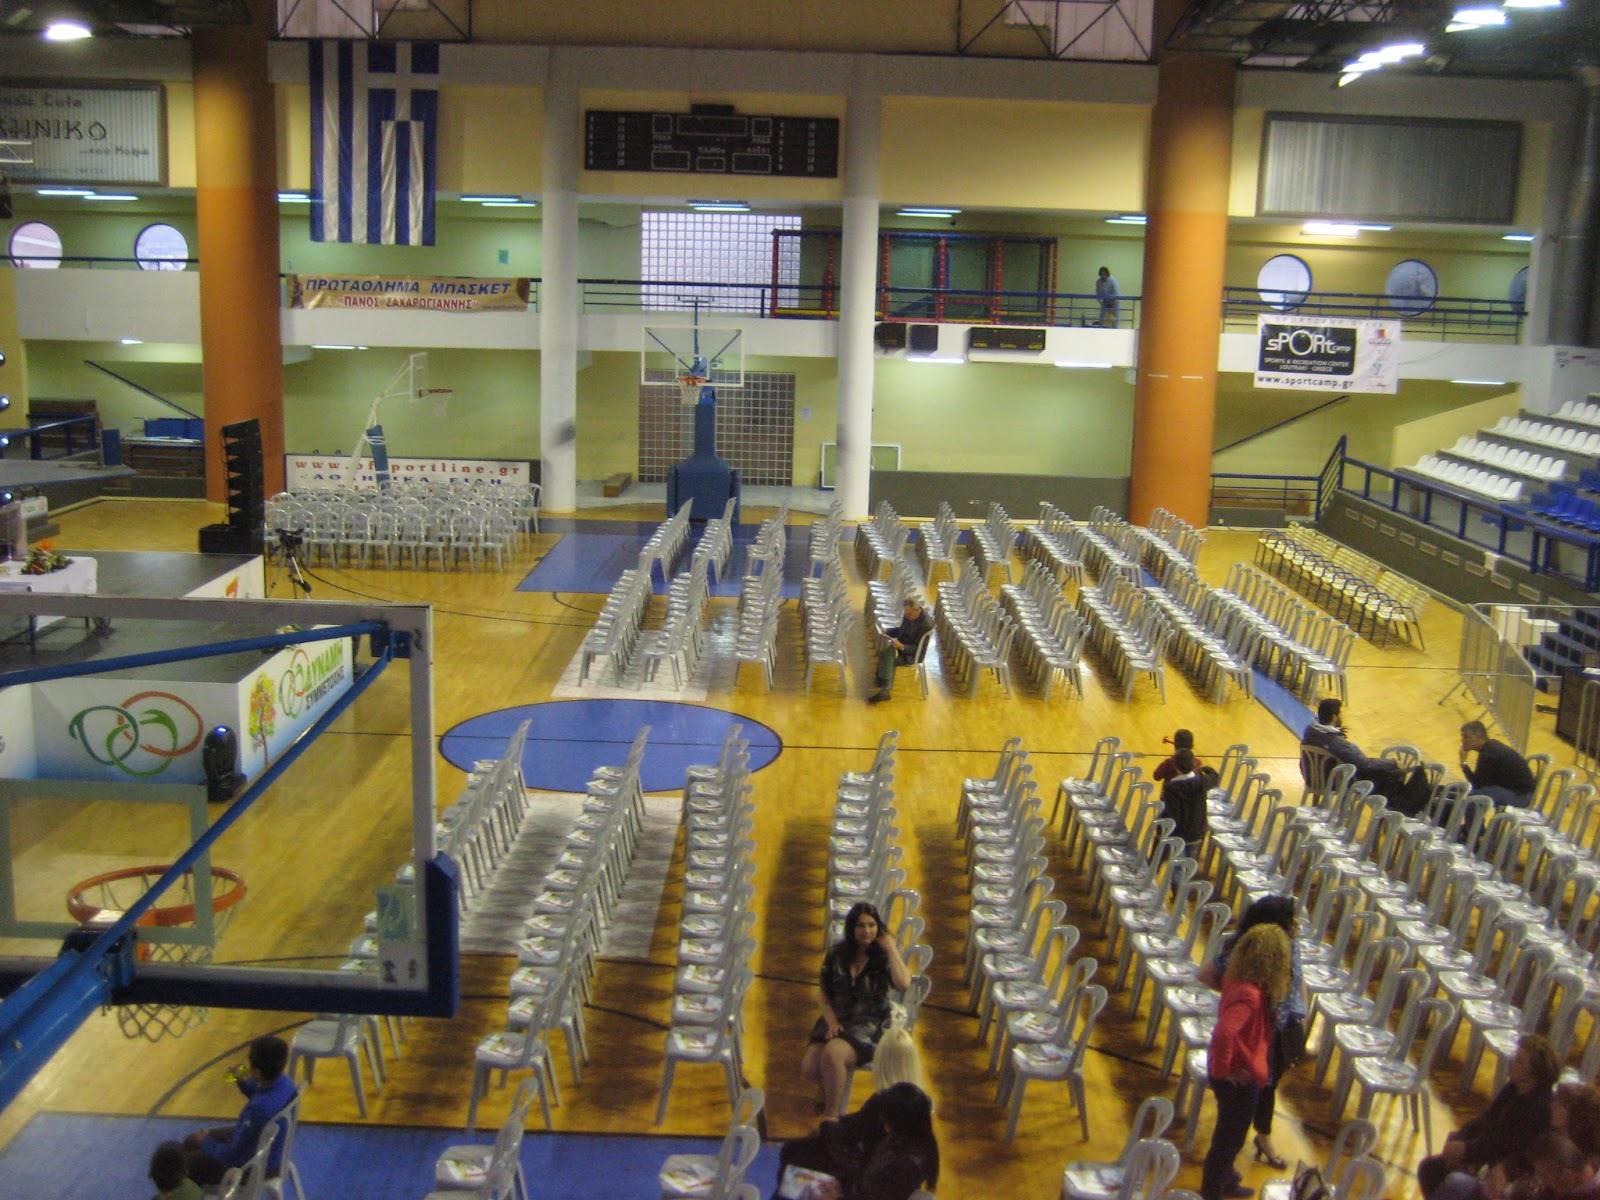 Οι πρώτες εικόνες από την παρουσίαση των υποψηφίων Δύναμη Συμμετοχής